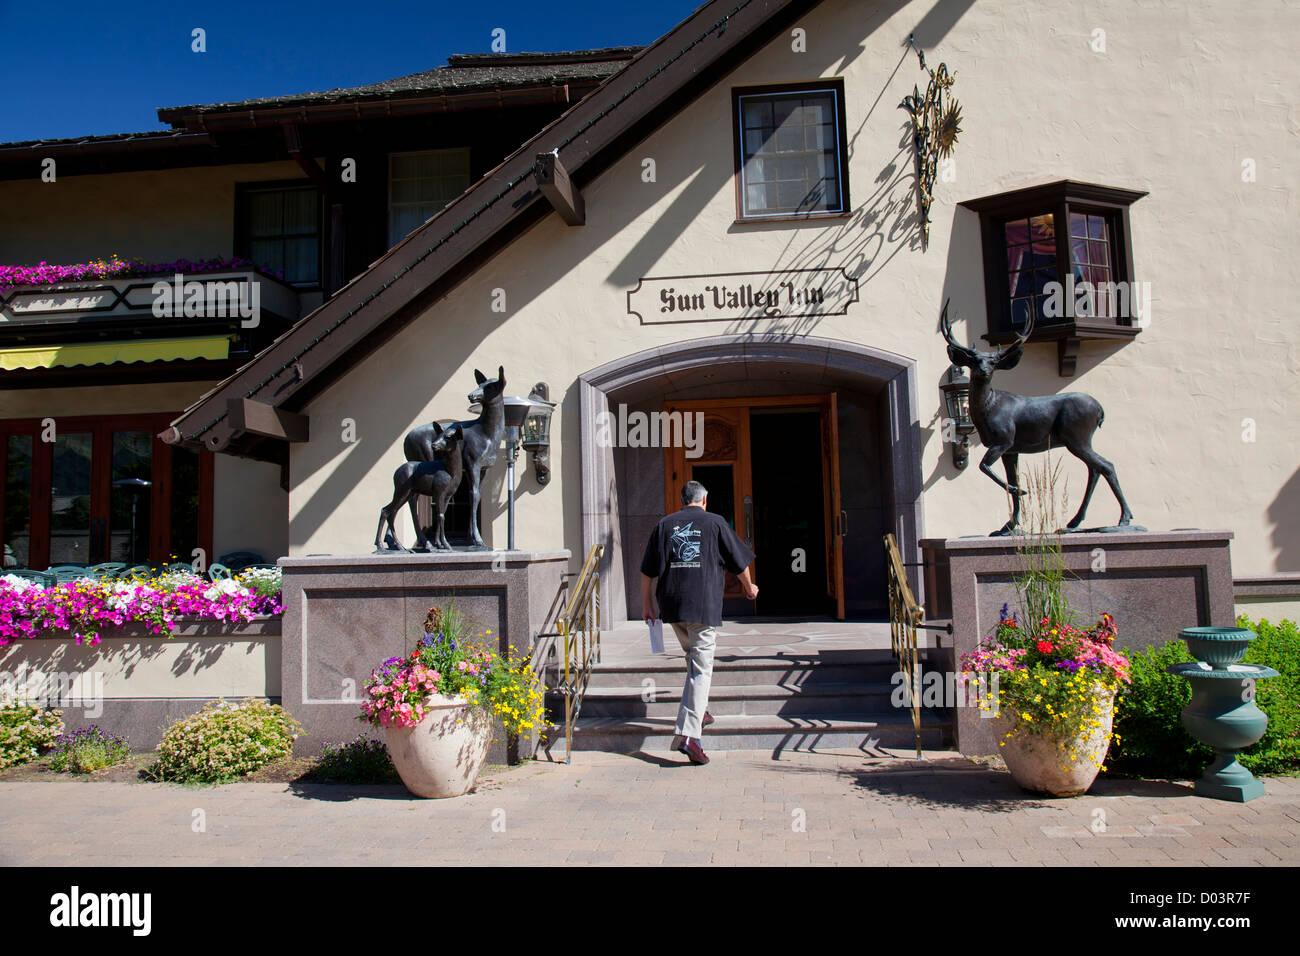 Idaho, Sun Valley Resort, Sun Valley Inn - Stock Image